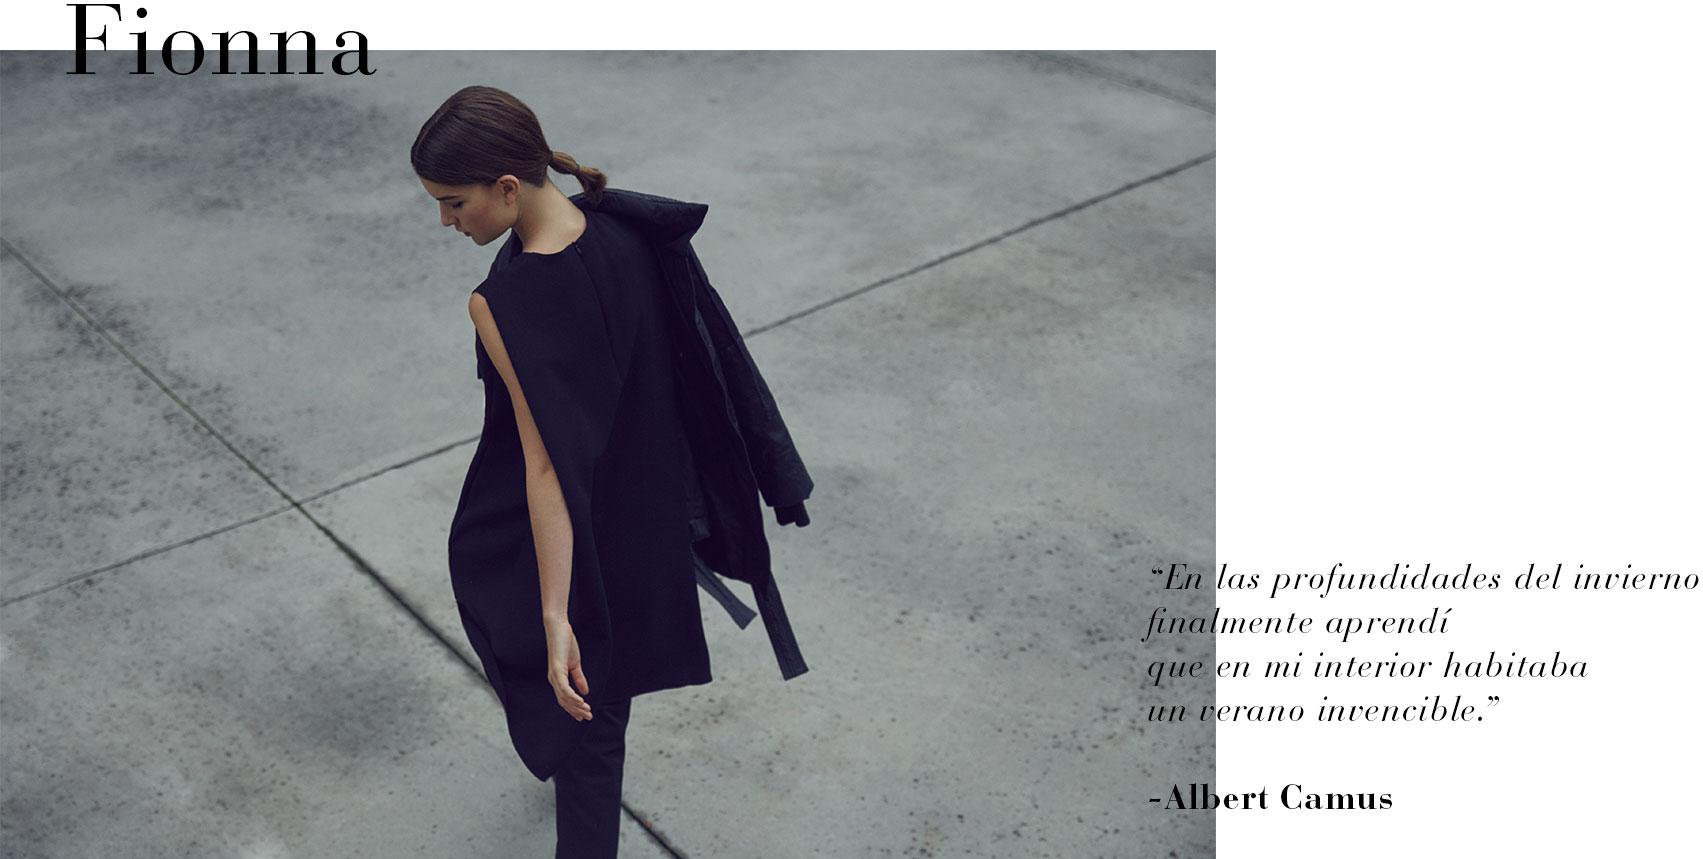 Abrigo negro envolvente  - Abrigos de invierno AD Mujer  -  Adolfo Dominguez